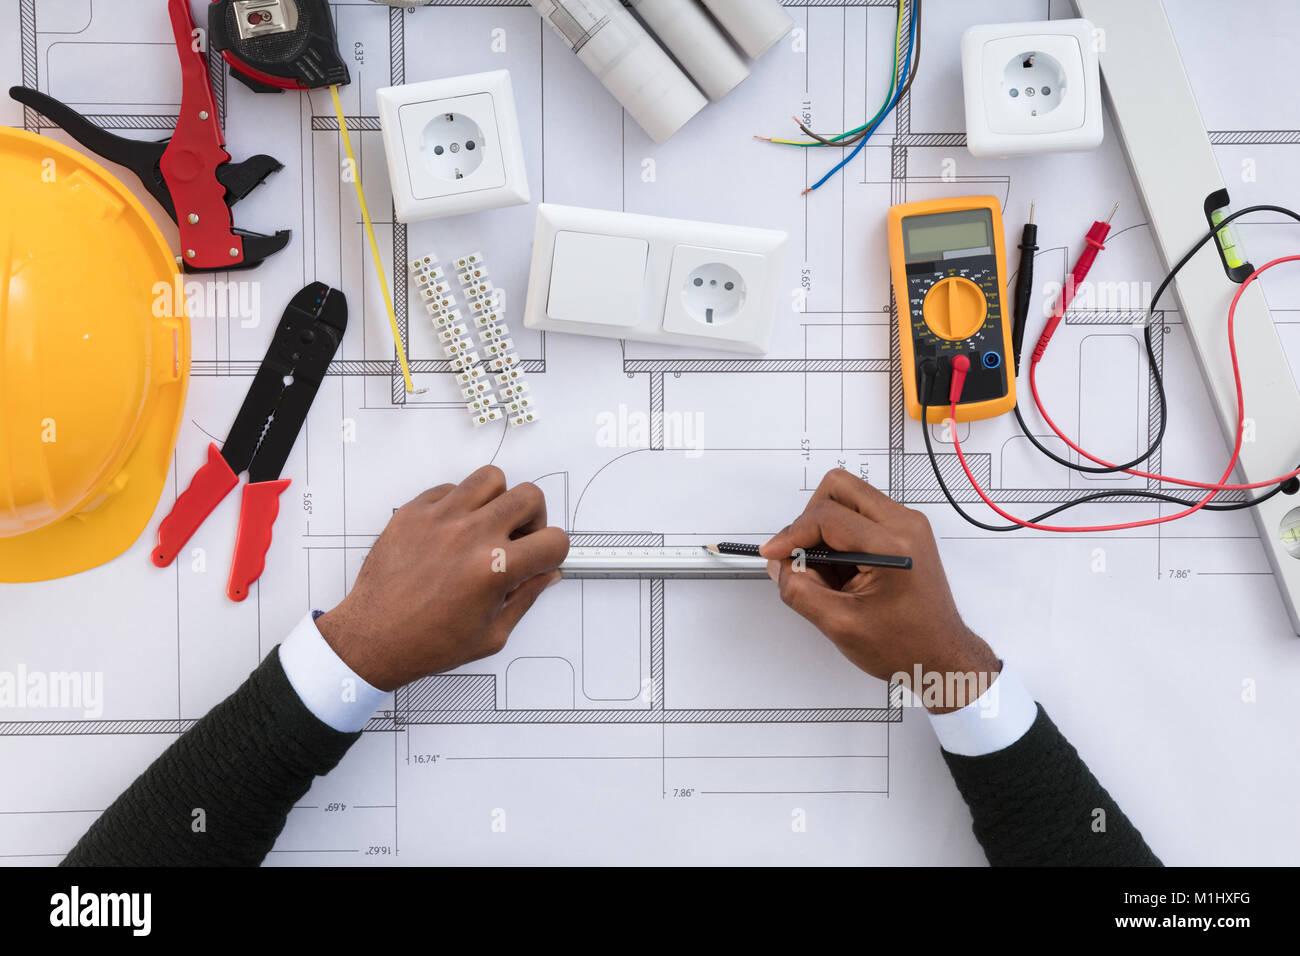 Niedlich Elektrische Hausverkabelungssymbole Ideen - Elektrische ...